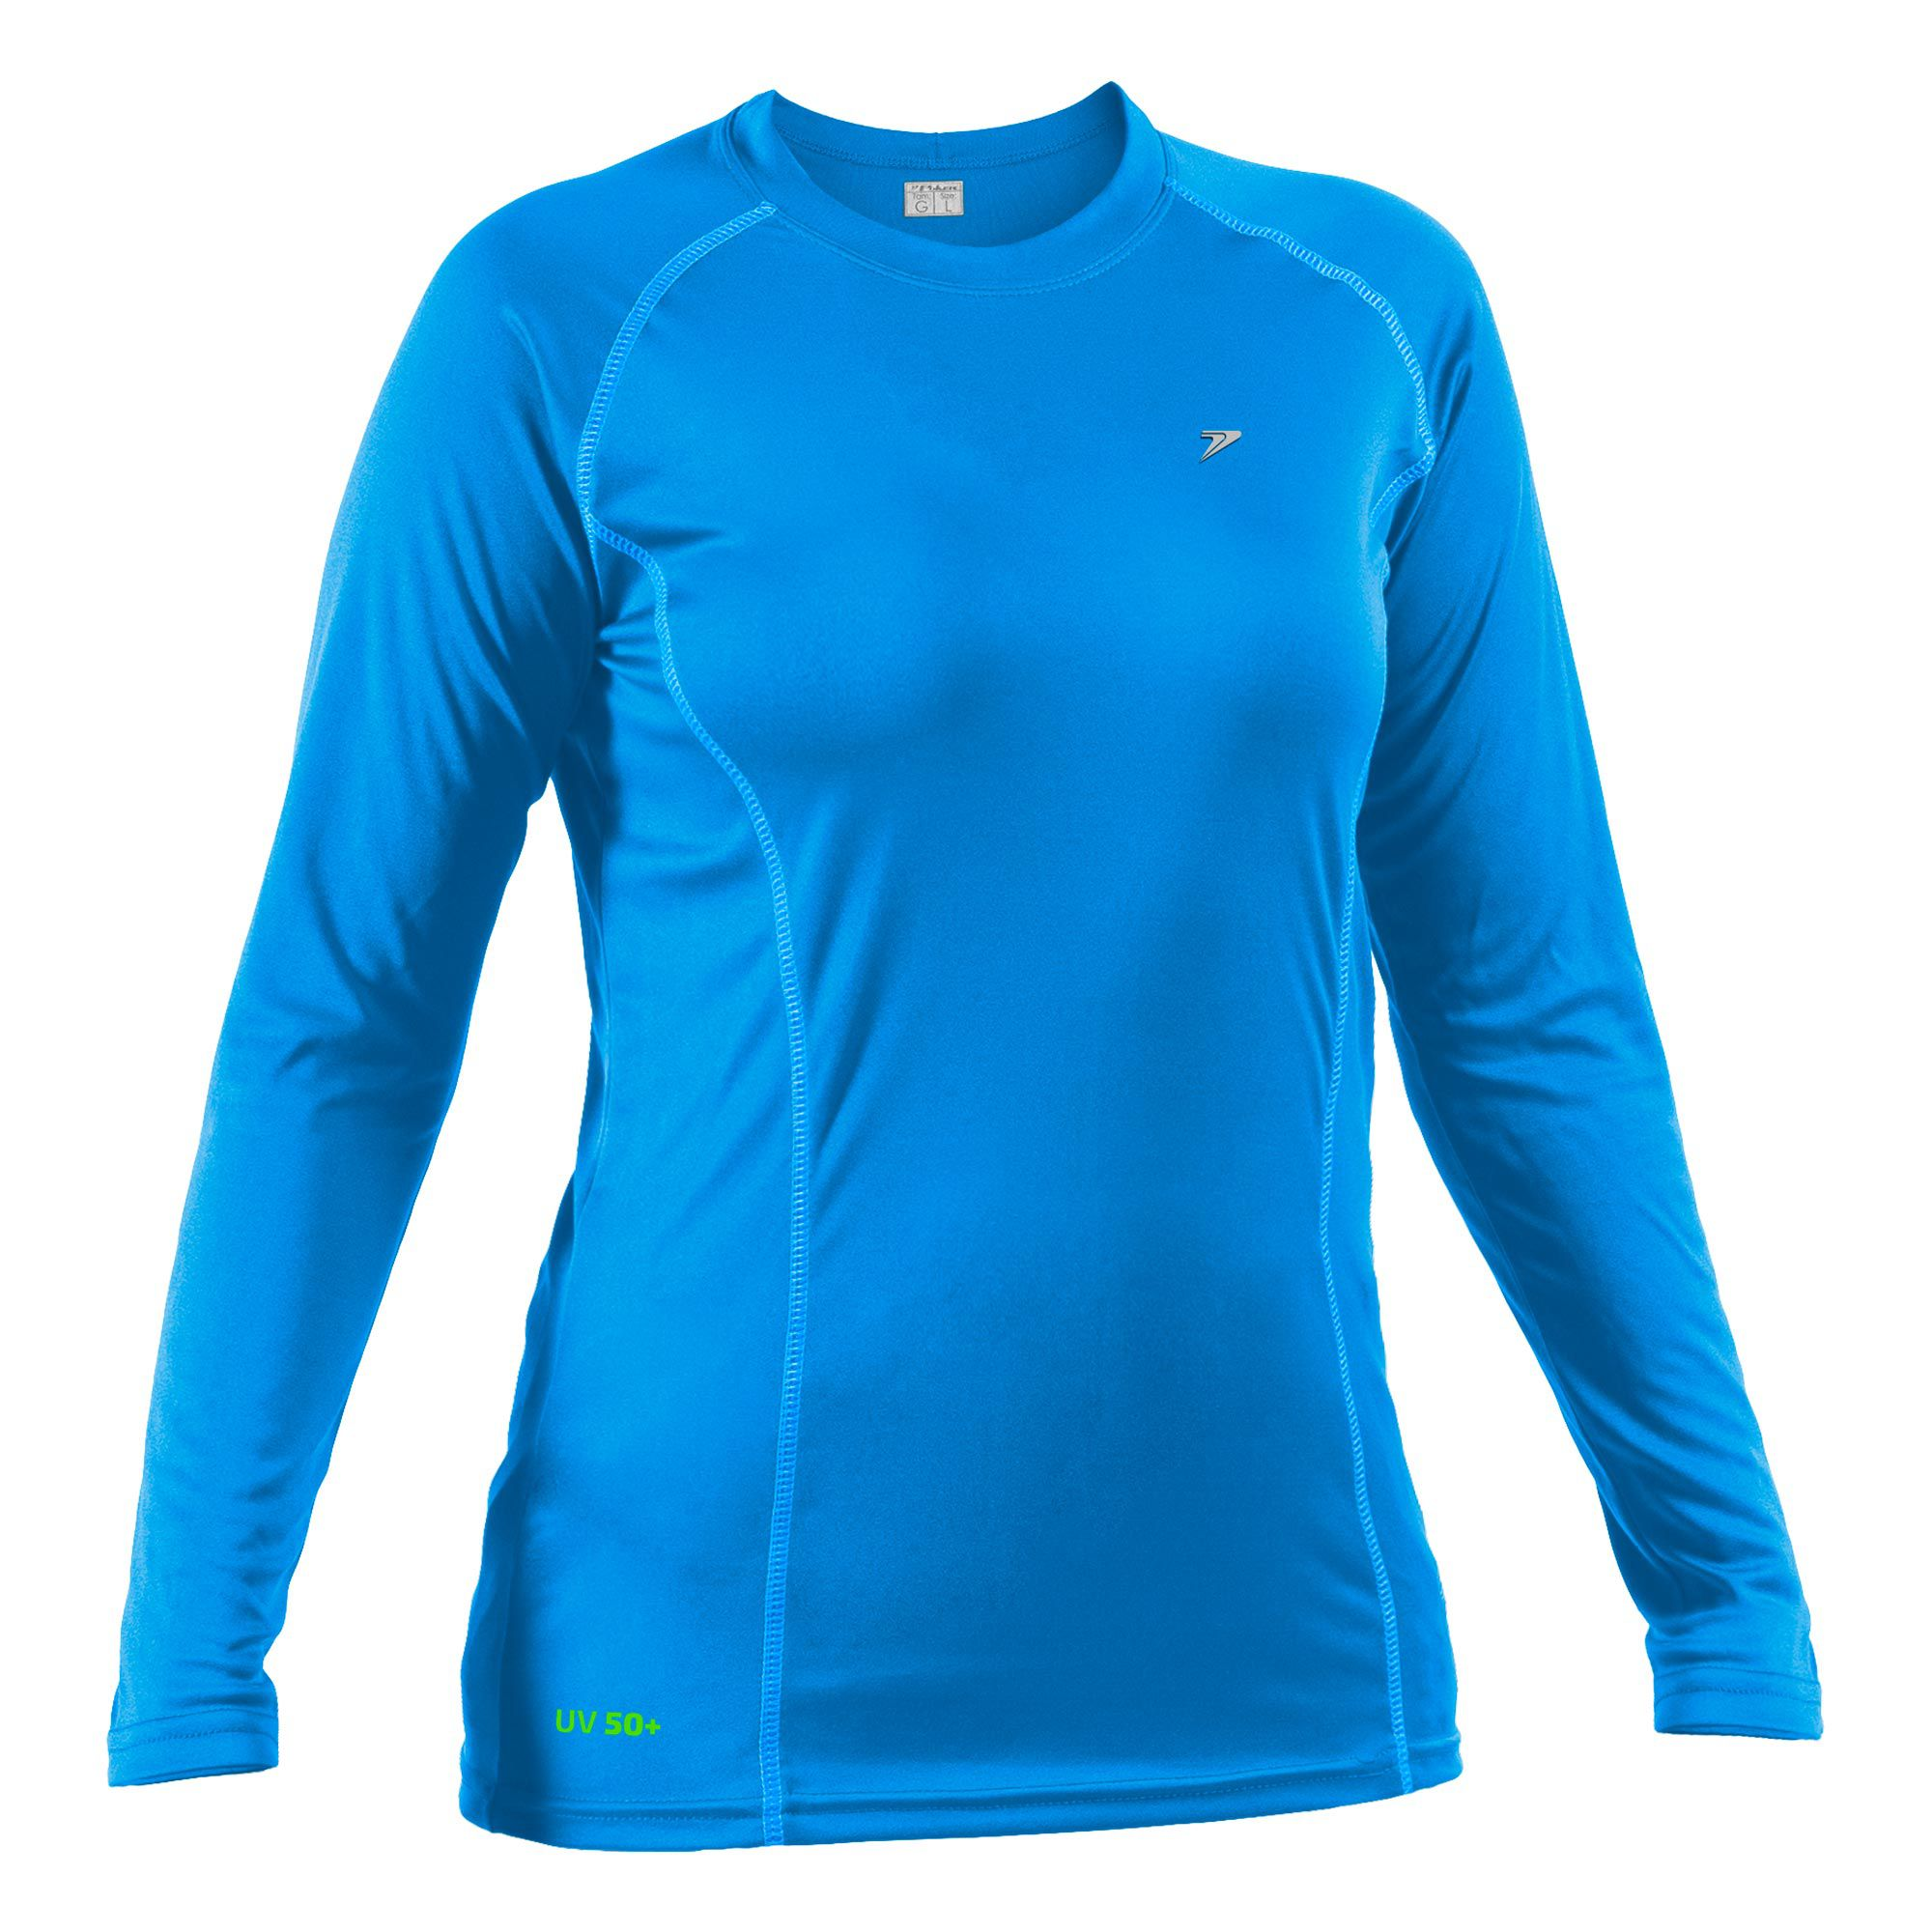 Camiseta Fator de Proteção UV50+ Feminina M/L 04053